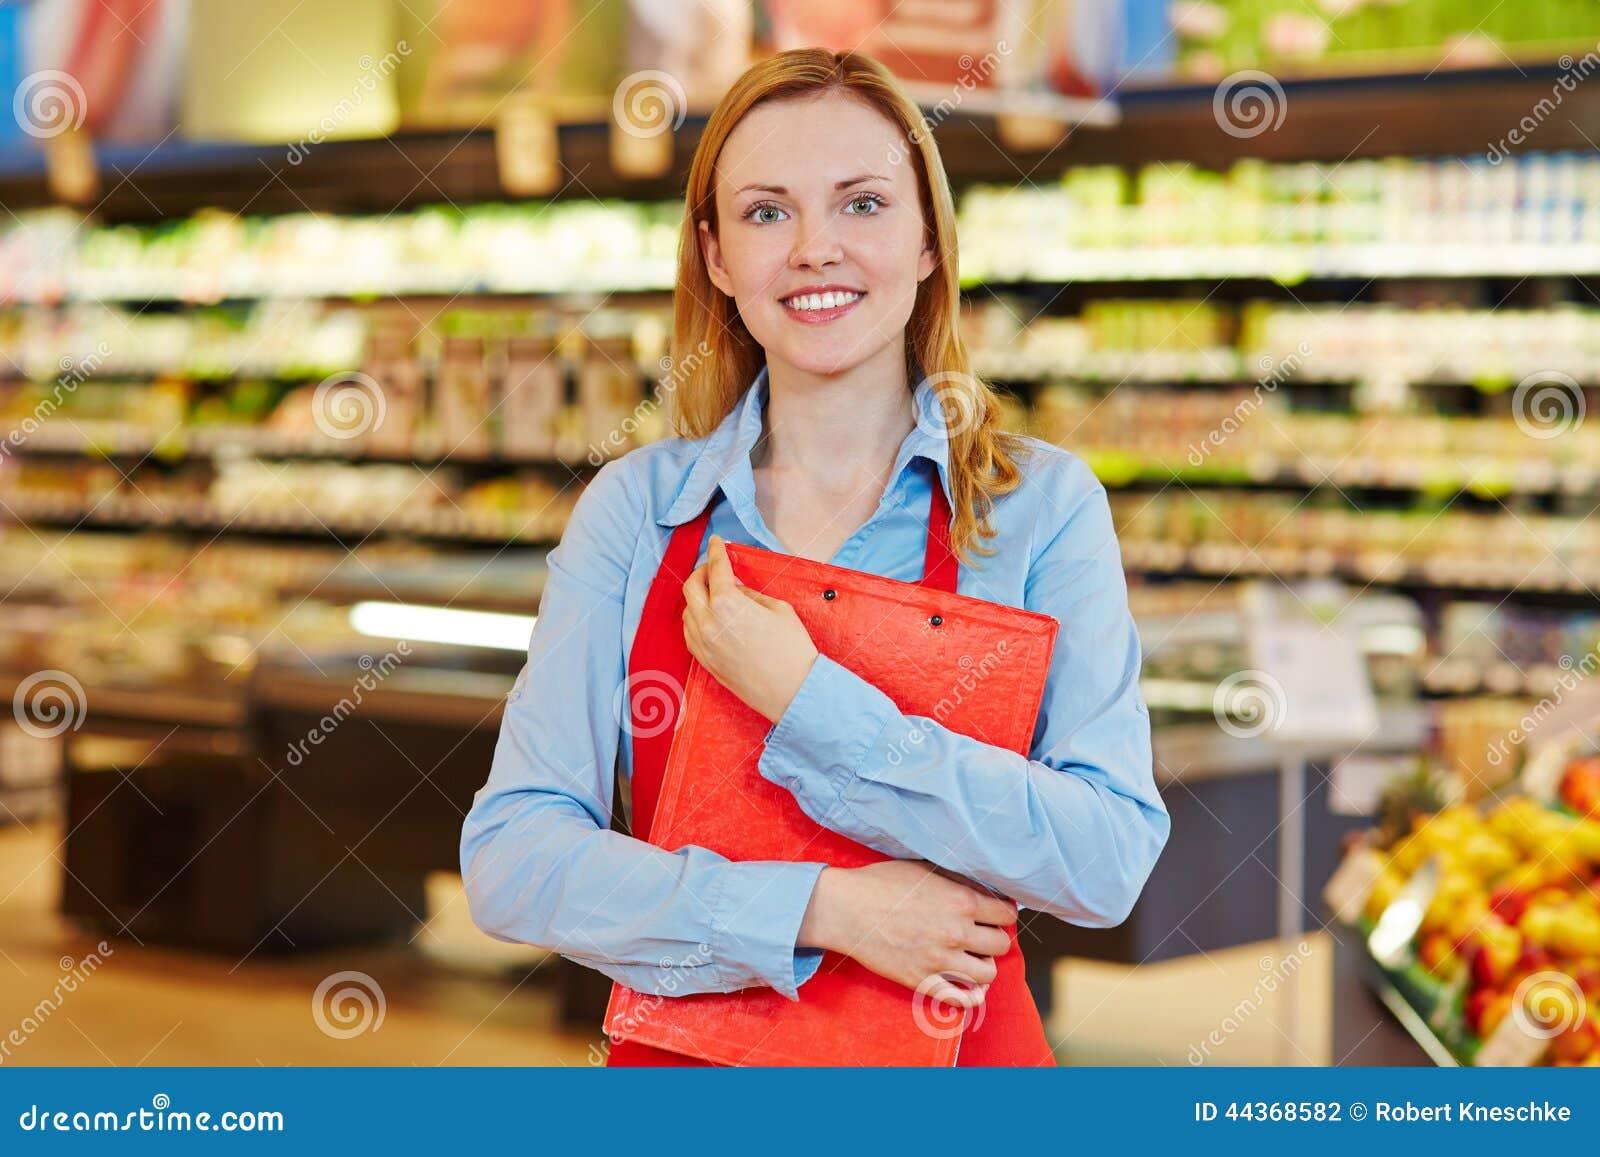 Impiegato del supermercato con la lavagna per appunti